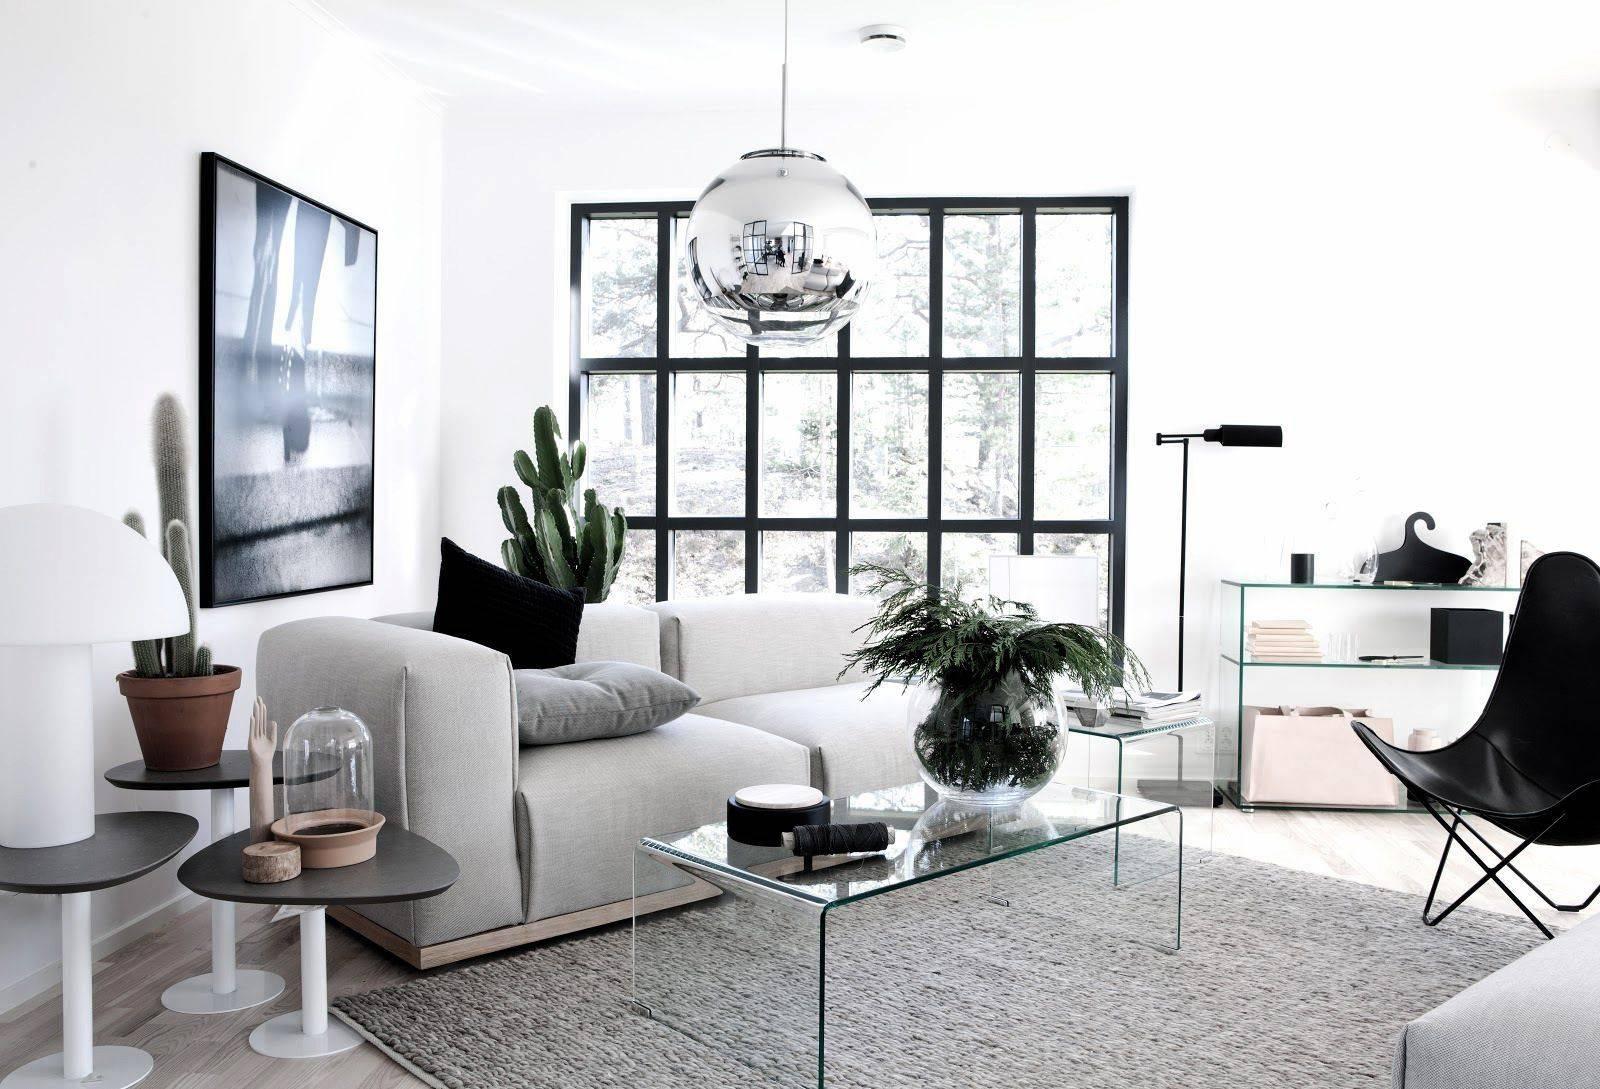 Светильники в стиле лофт (loft). особенности стиля и рекомендации